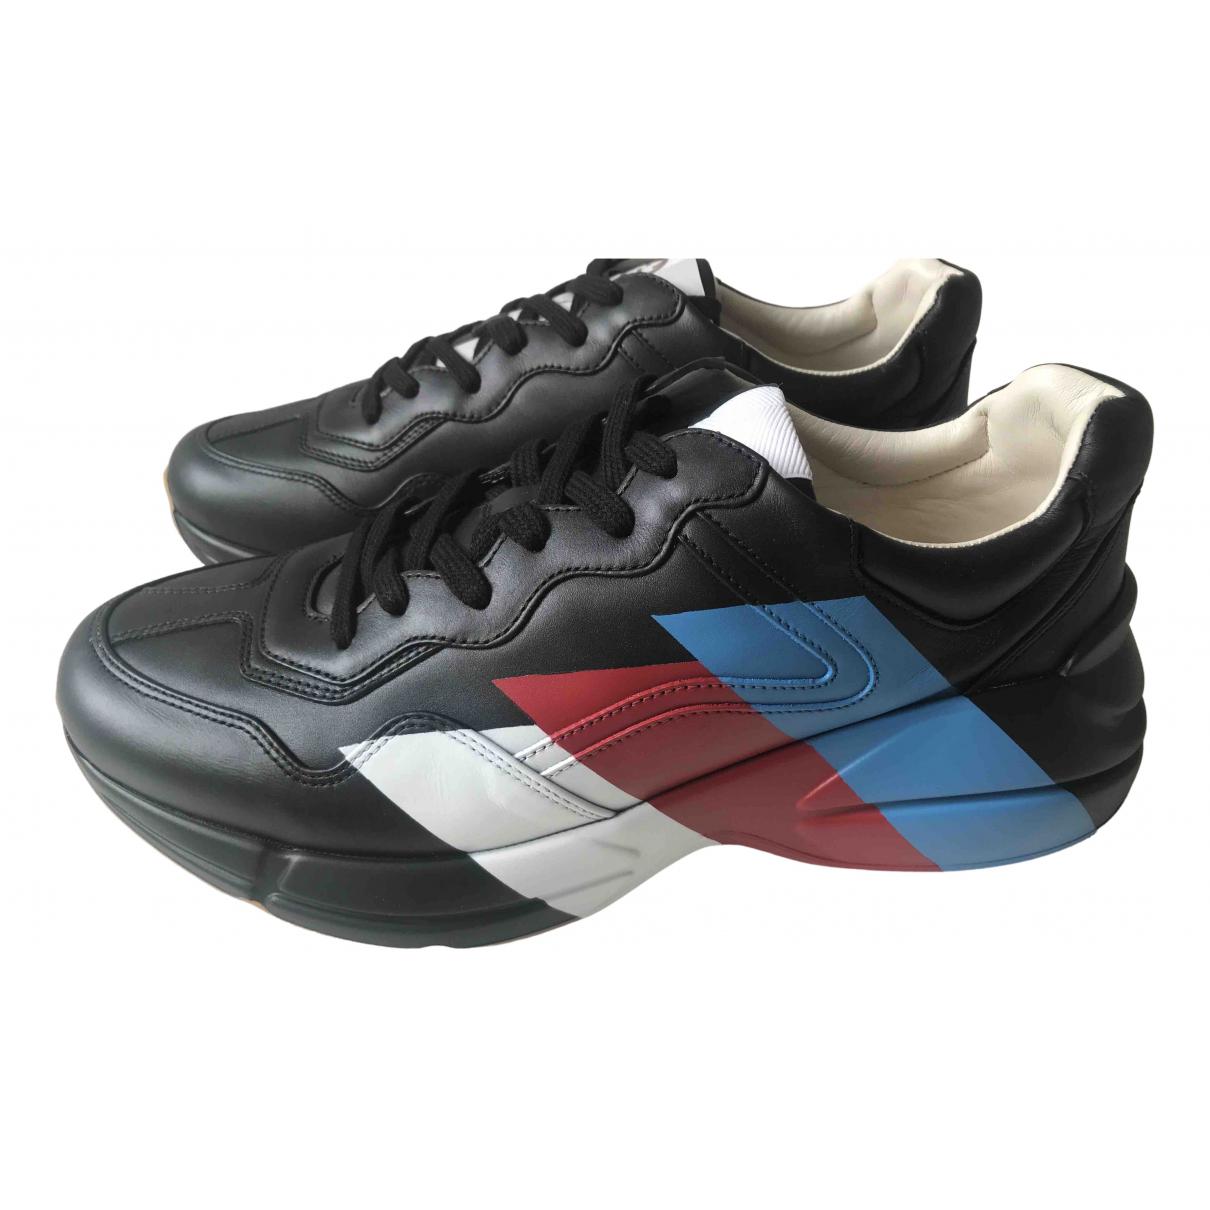 Gucci - Baskets Rhyton pour homme en cuir - noir